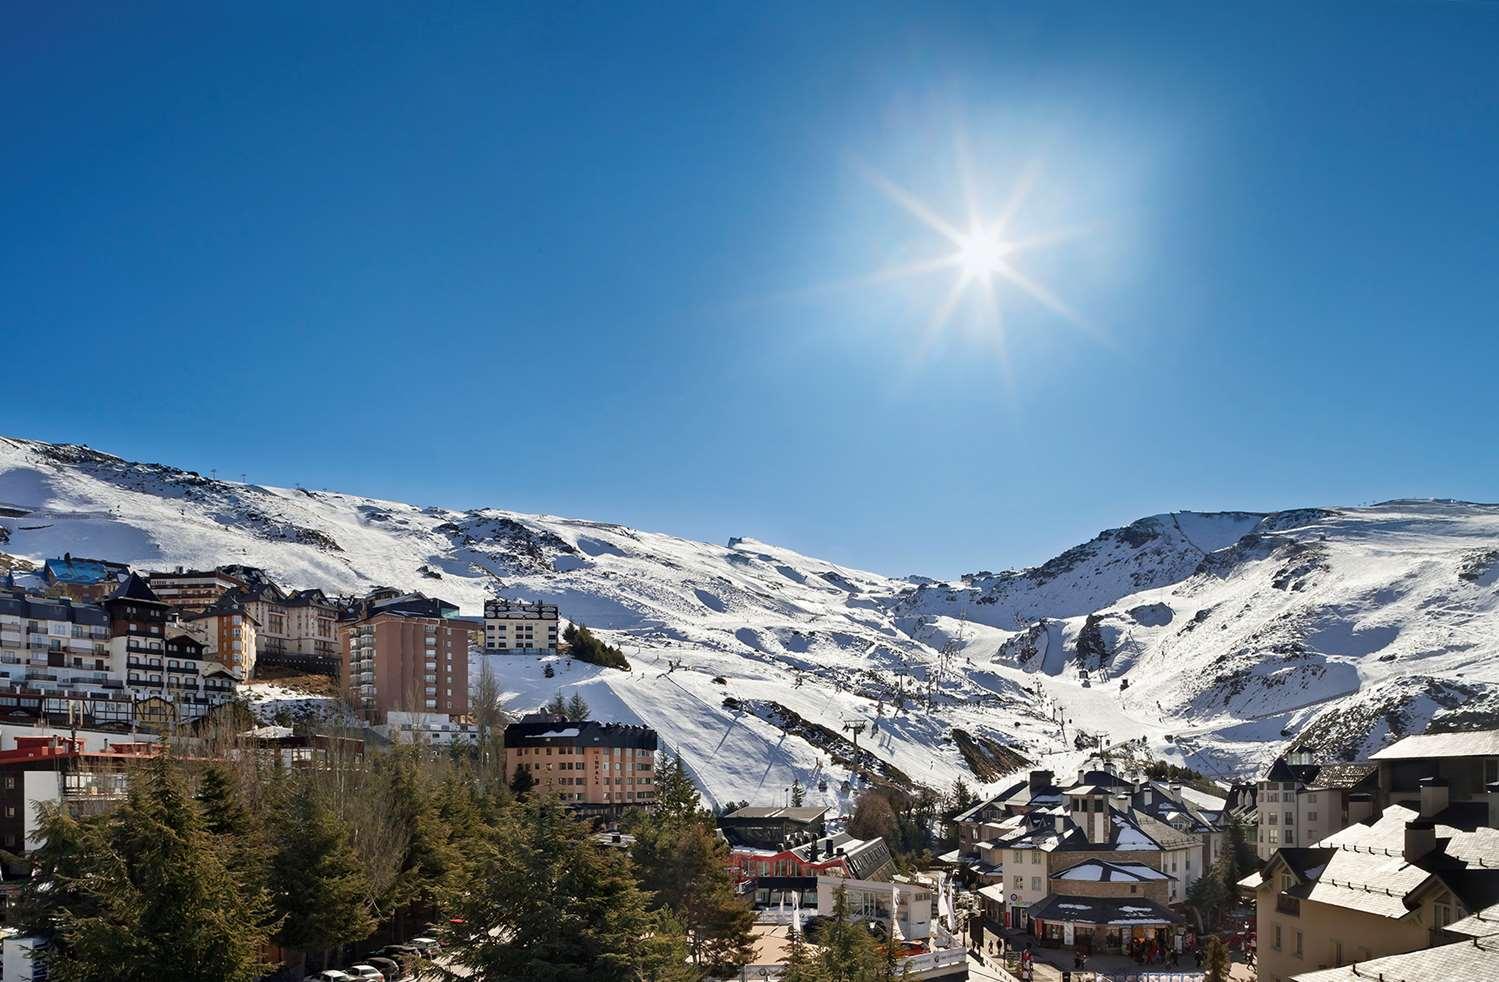 Meetings And Events At Melia Sol Y Nieve Sierra Nevada Granada Es